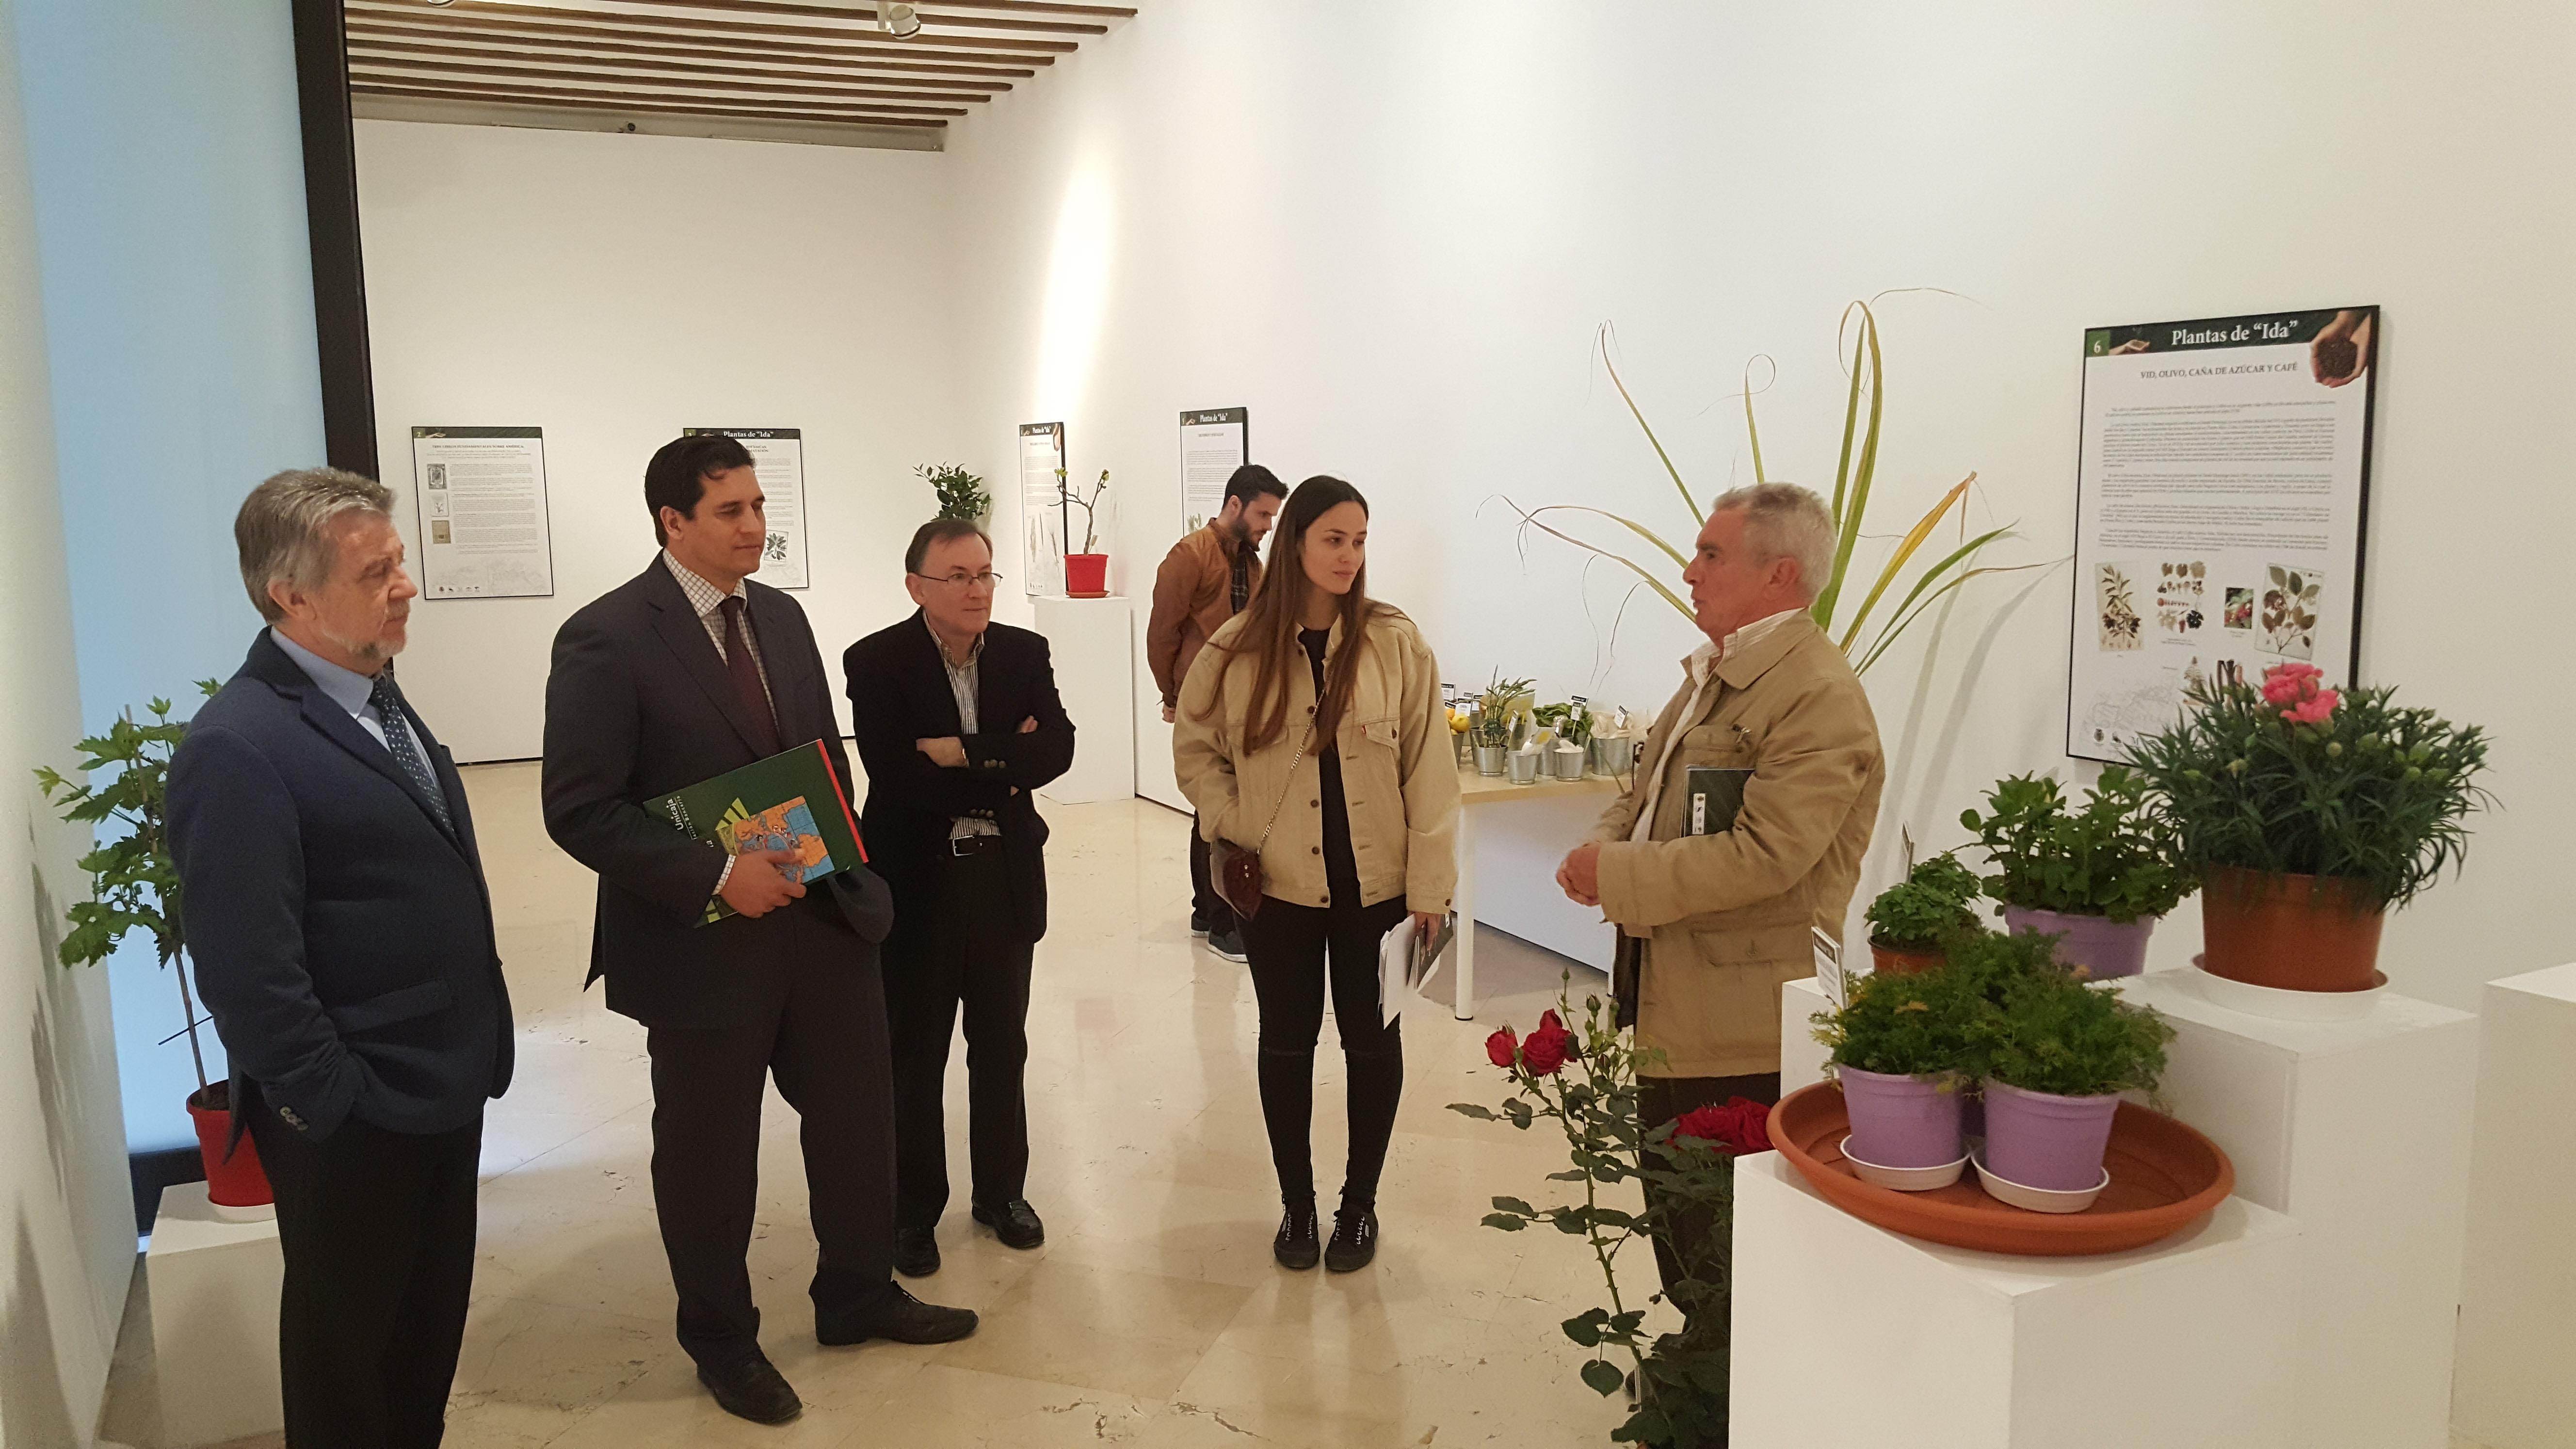 La Fundación Unicaja, la Sociedad Económica Amigos del País de Málaga y la Junta de Andalucía inauguran la exposición 'Plantas de ida y vuelta', compuesta de textos, ilustraciones, fotografías y  materiales sobre biología, botánica e historia